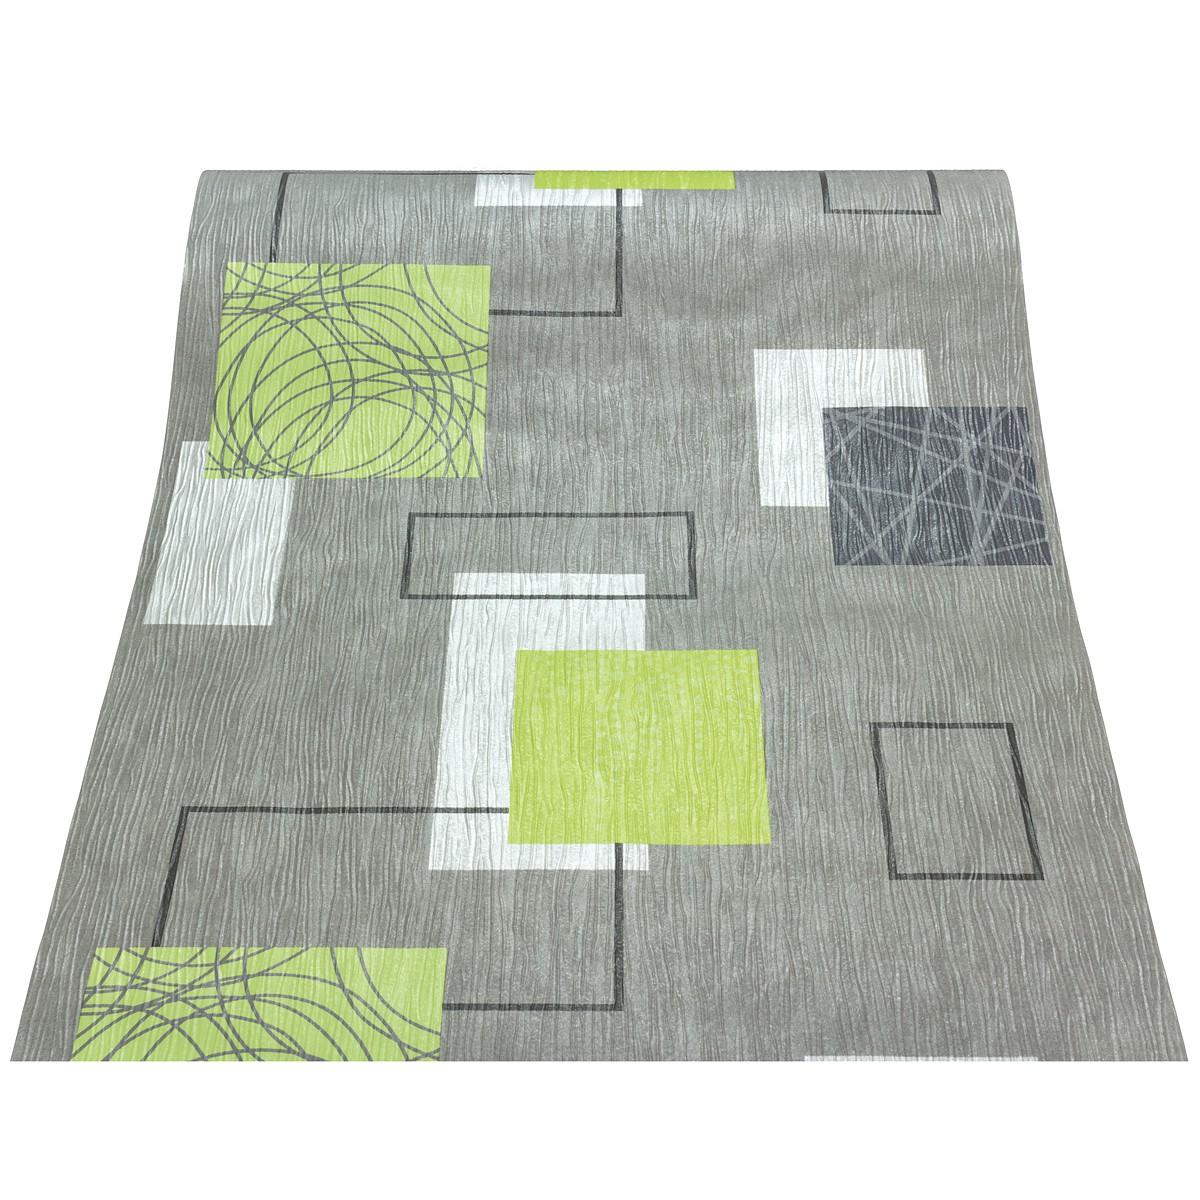 Schlafzimmer Tapete Rasch : Rasch homestyle Domino 277524 Tapete Kreise Streifen Struktur grau